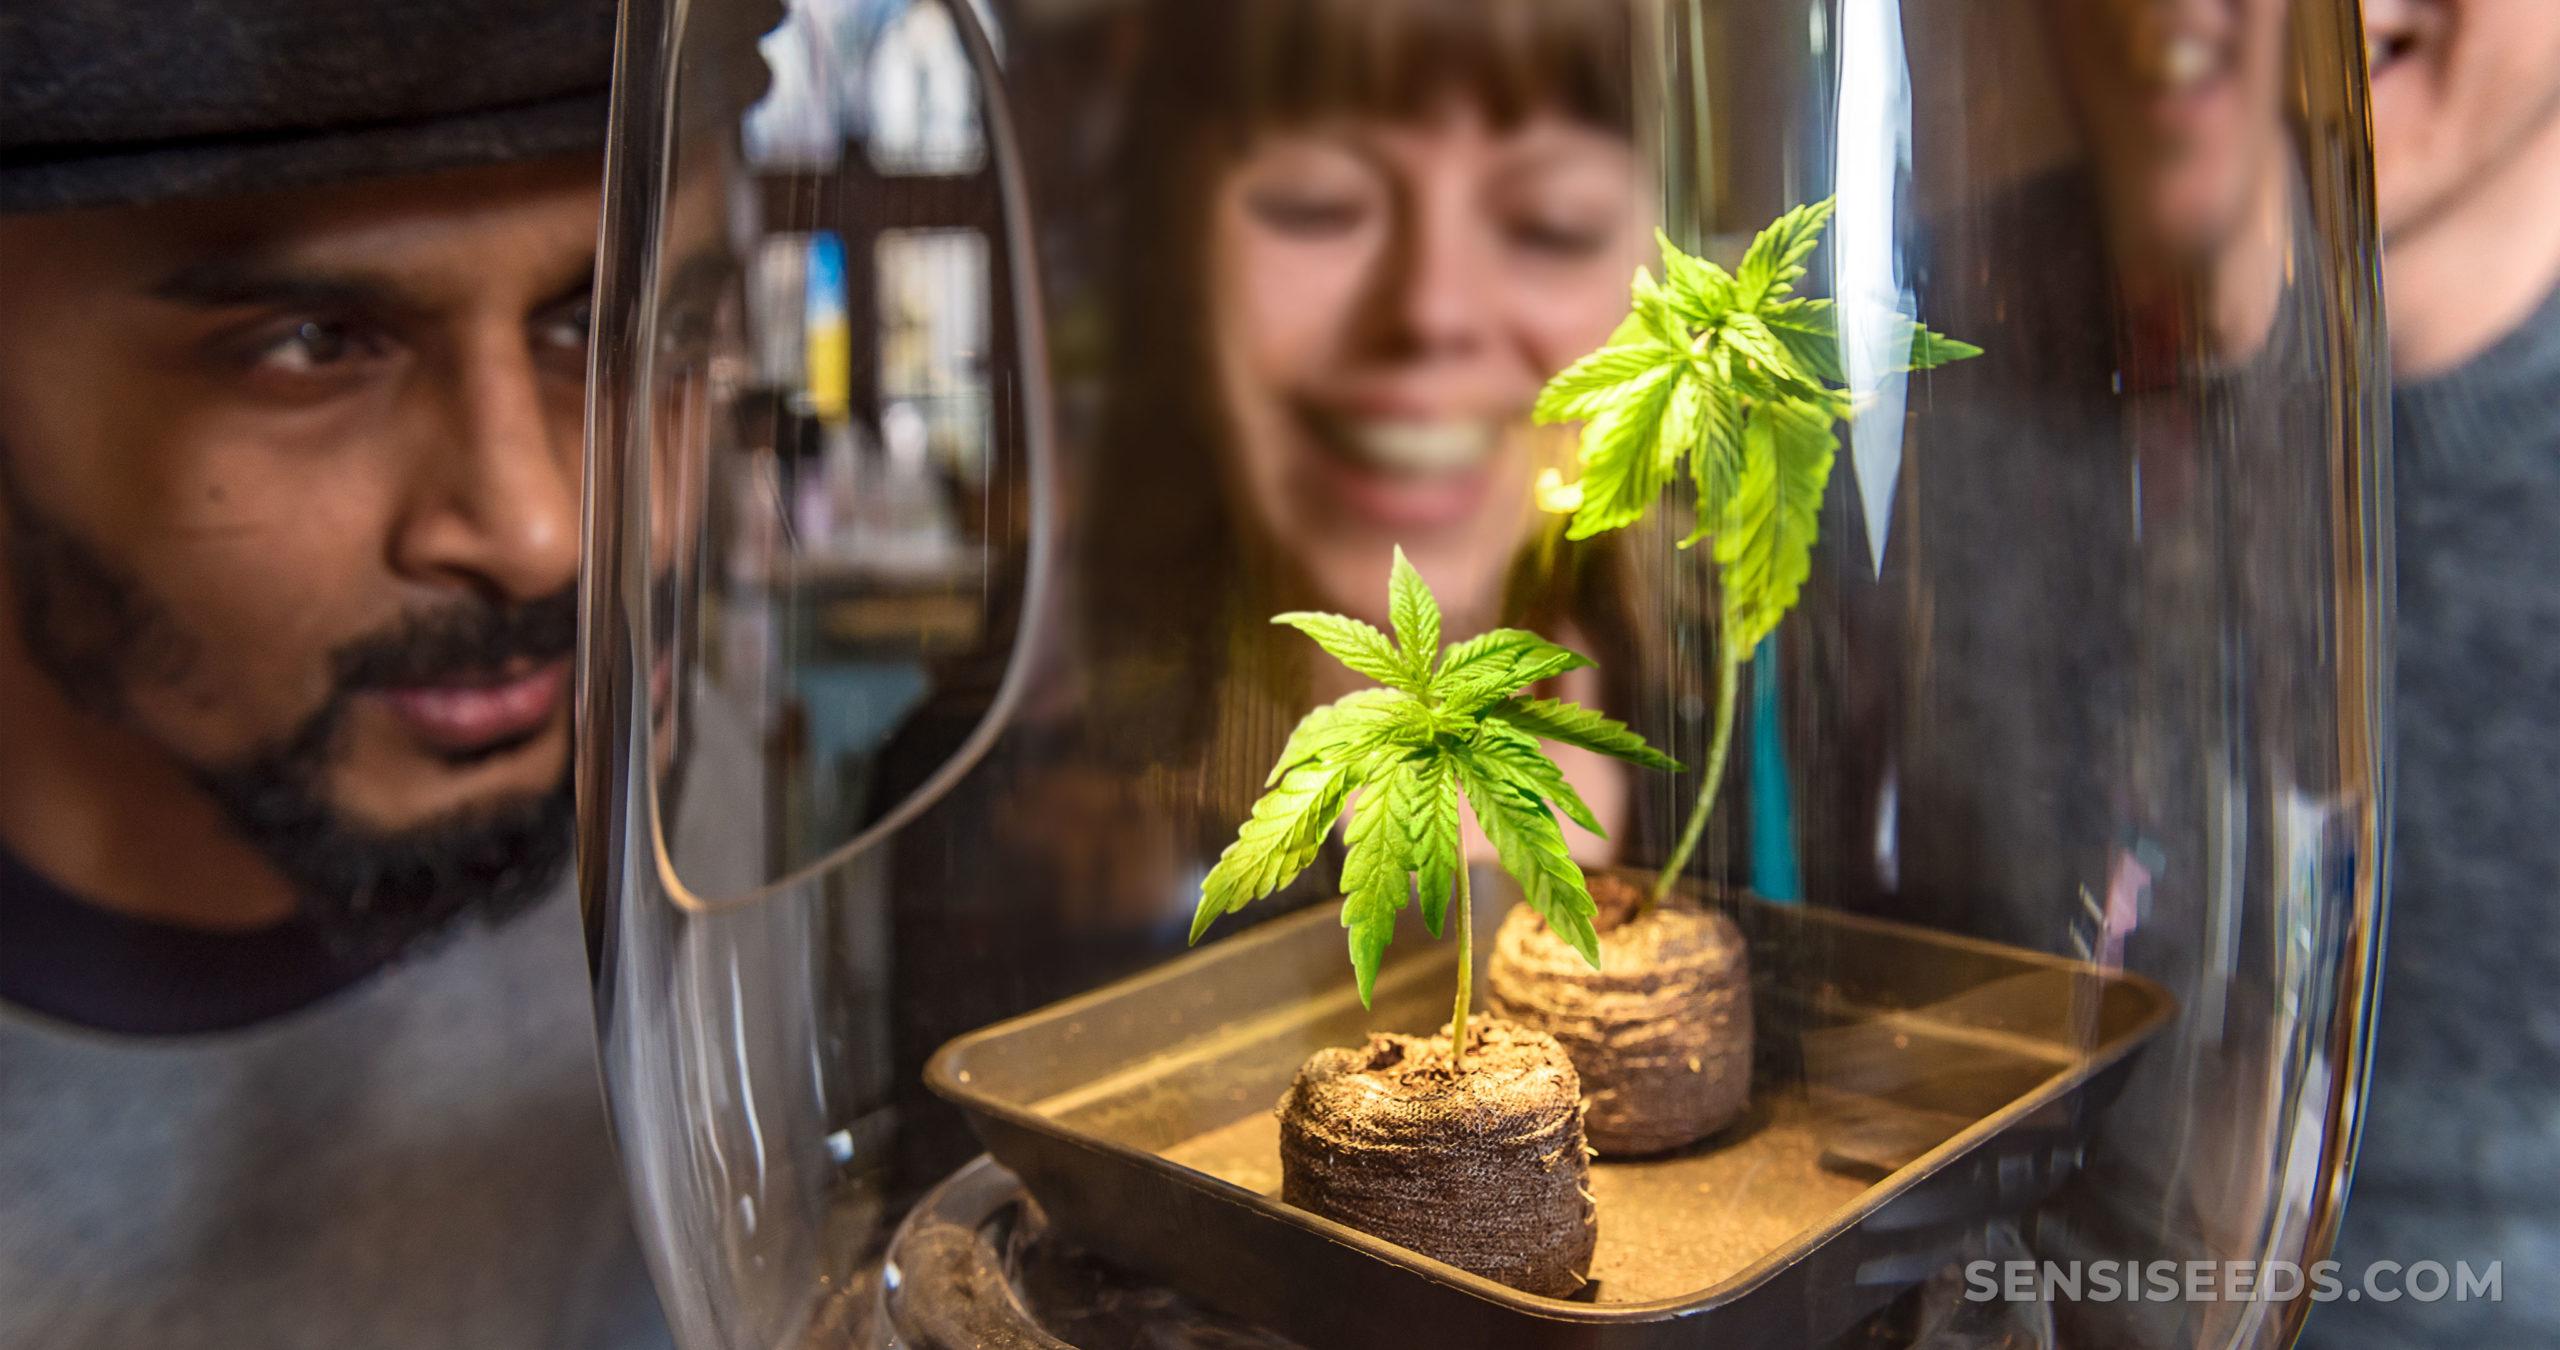 Trois personnes appuyées pour regarder deux petites plantes de cannabis dans un pot en verre